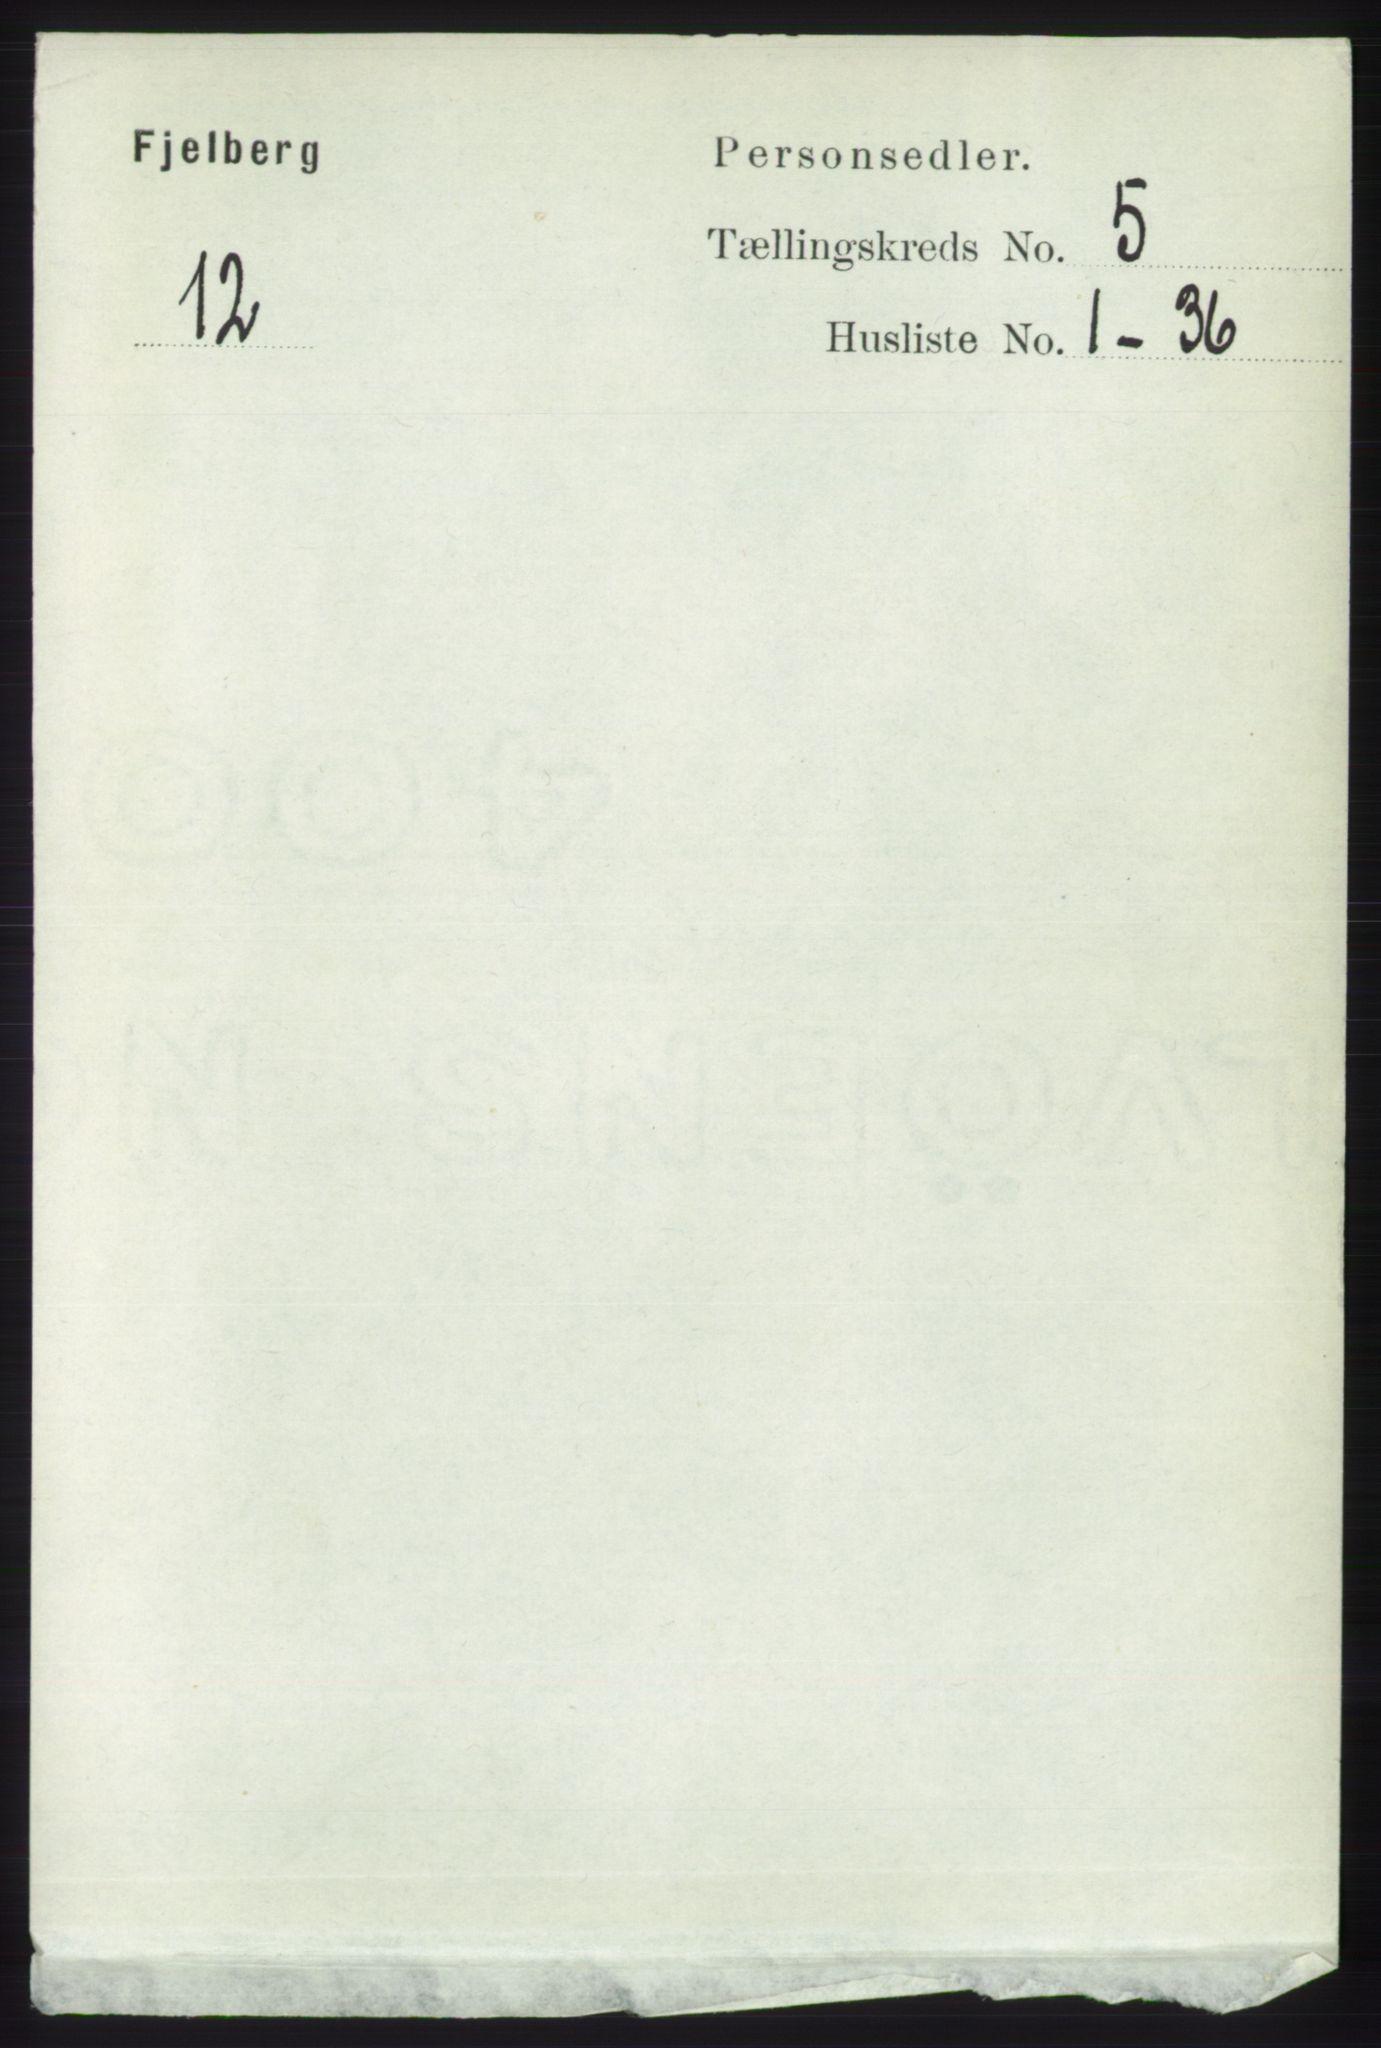 RA, Folketelling 1891 for 1213 Fjelberg herred, 1891, s. 1482